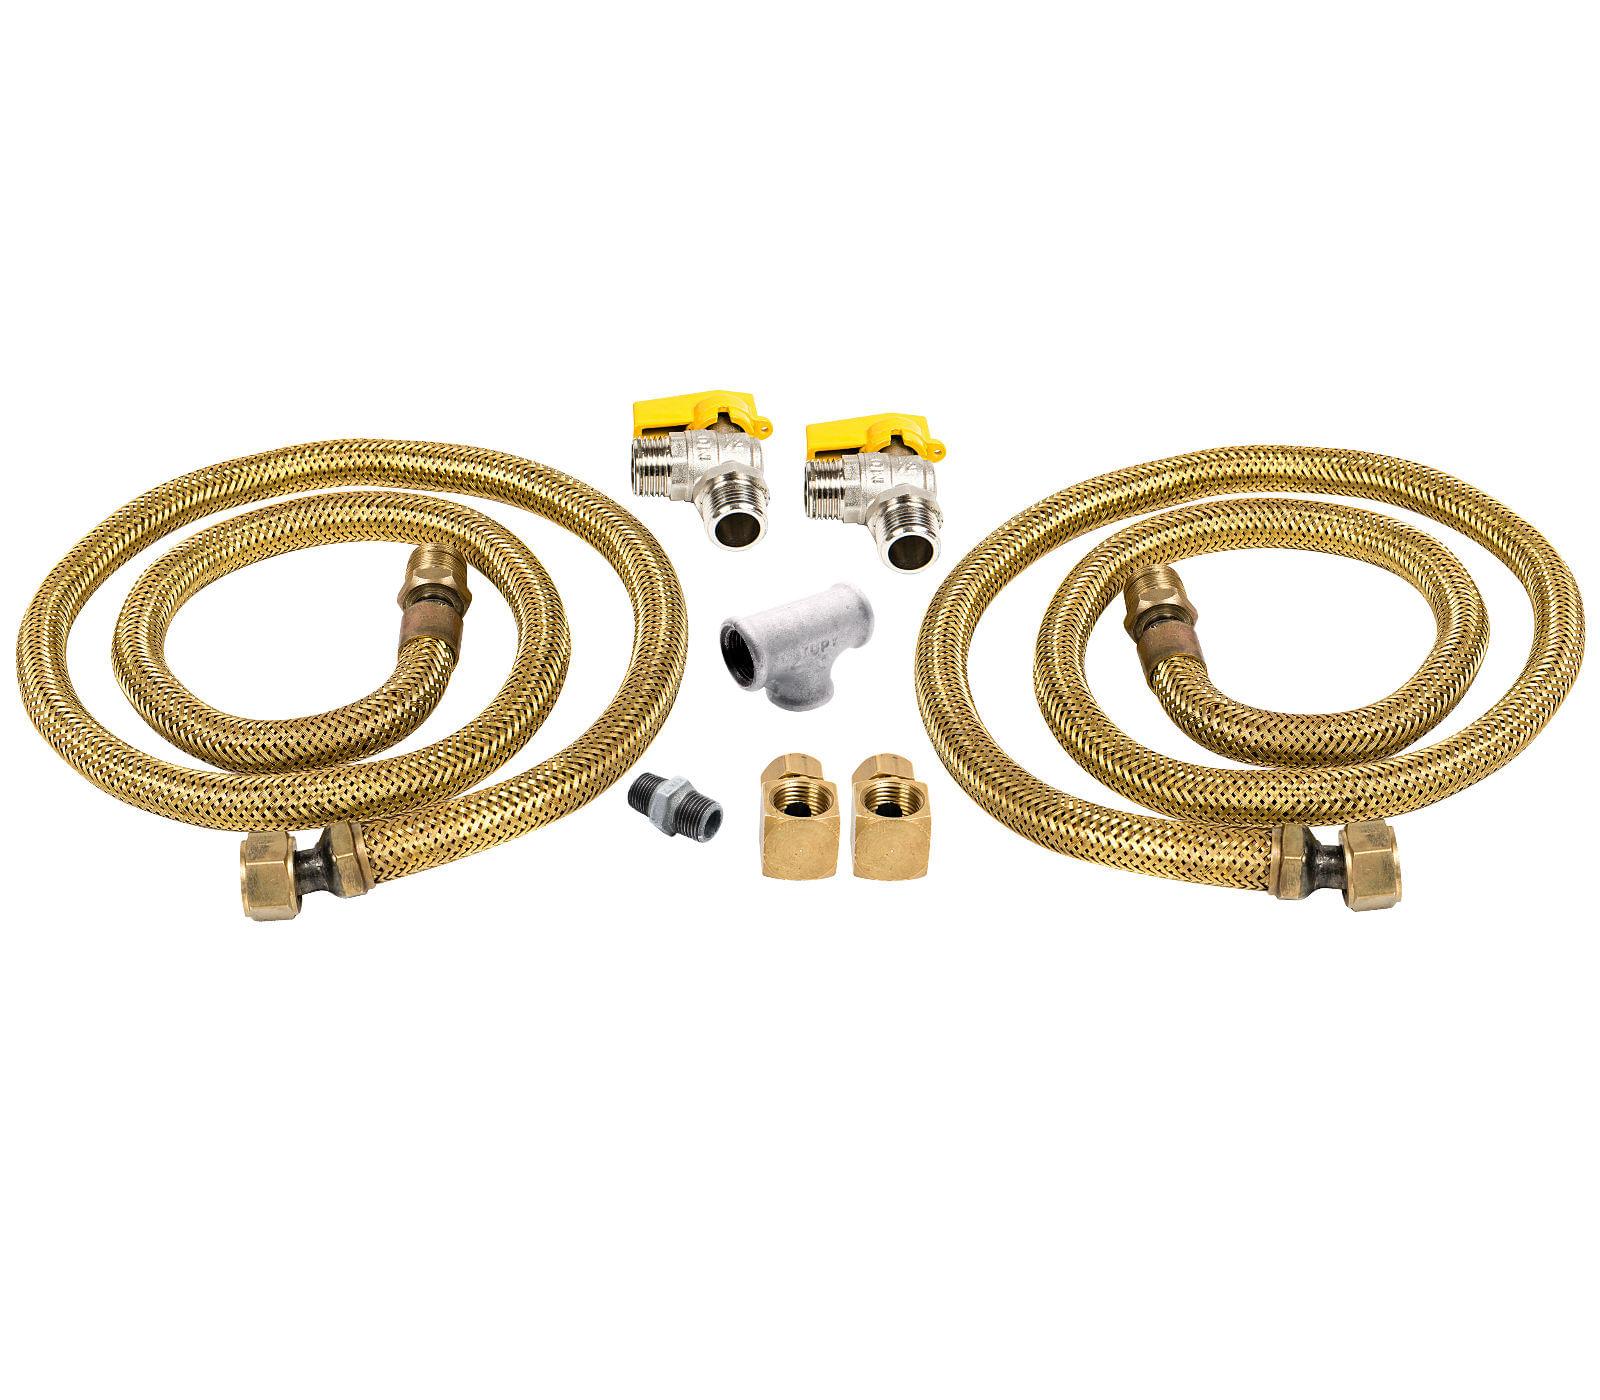 Kit de Instalação Dupla para Cooktop e Forno Original para Gás Encanado - CJ-W10866791_2GN